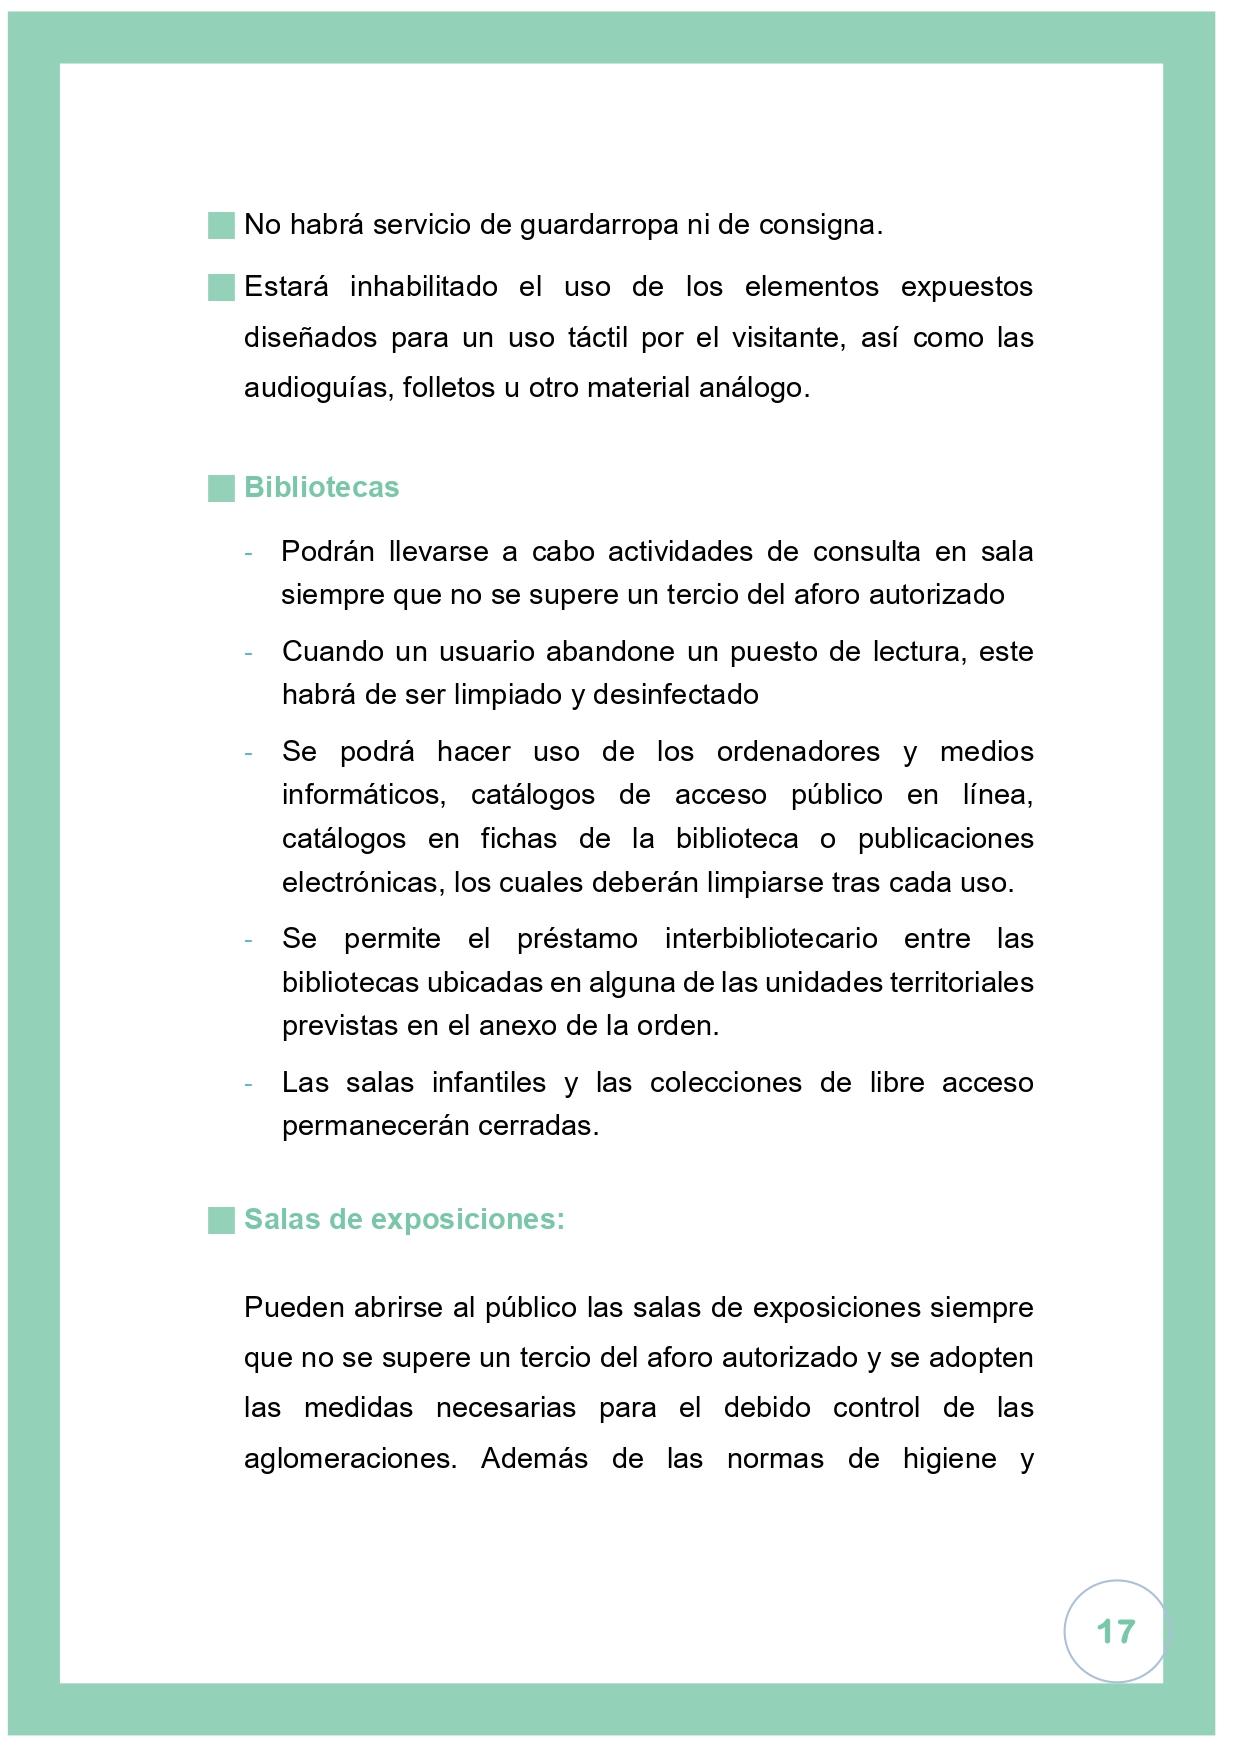 El gobierno oficializa que el Bierzo y Laciana pasan a la fase 2 el lunes 1 de junio 20